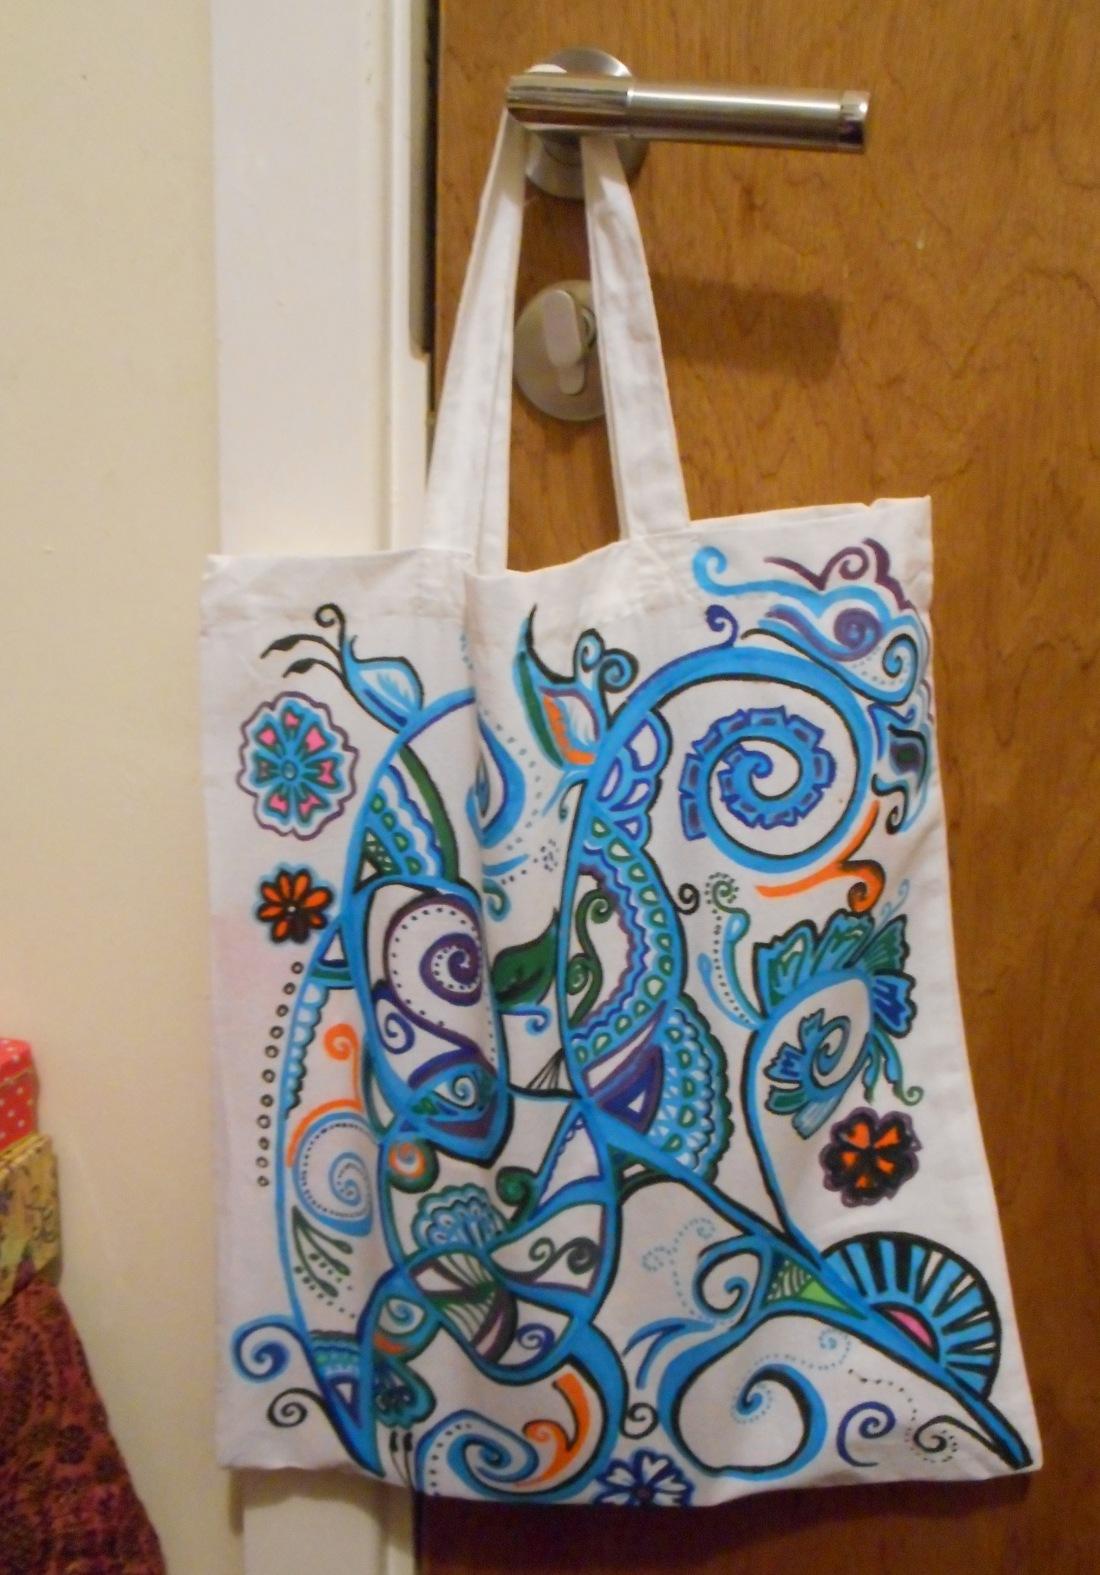 finished doodle bag